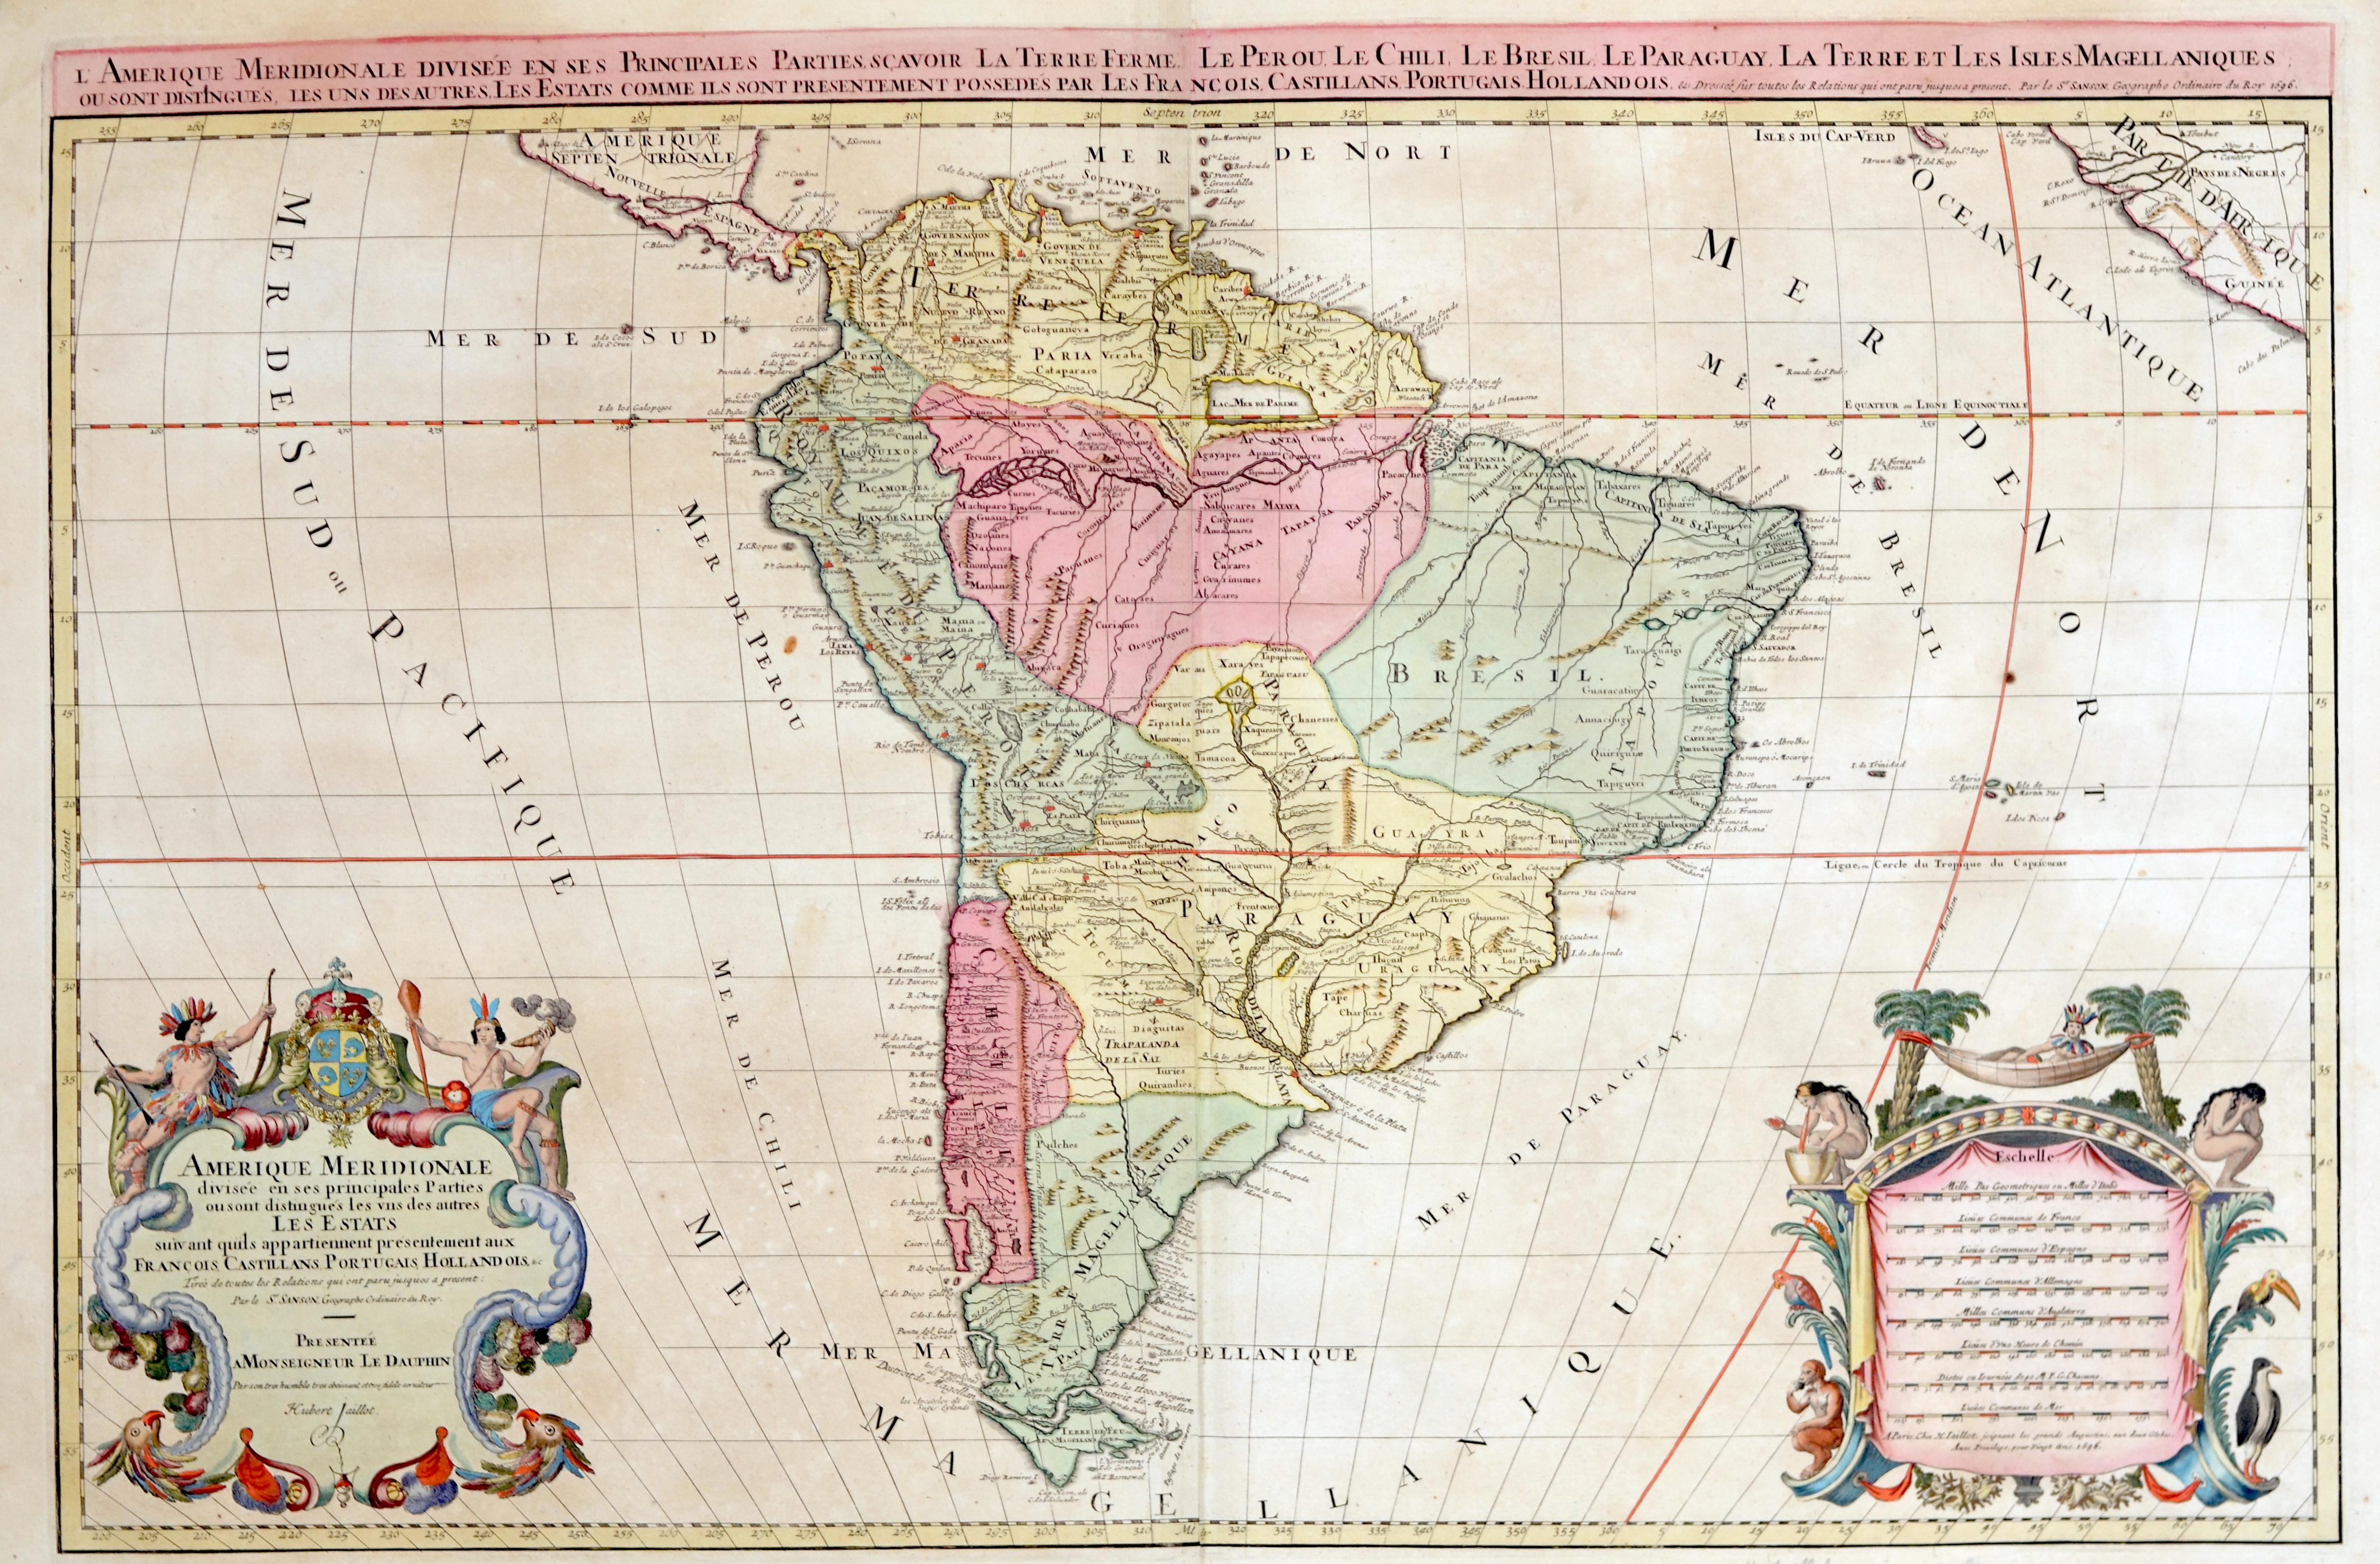 Sanson/ Jaillot, Charles Hubert Nicolas Amerique meridionale divisee en ses principales Parties ou sont distingues les uns des autres Les Estats